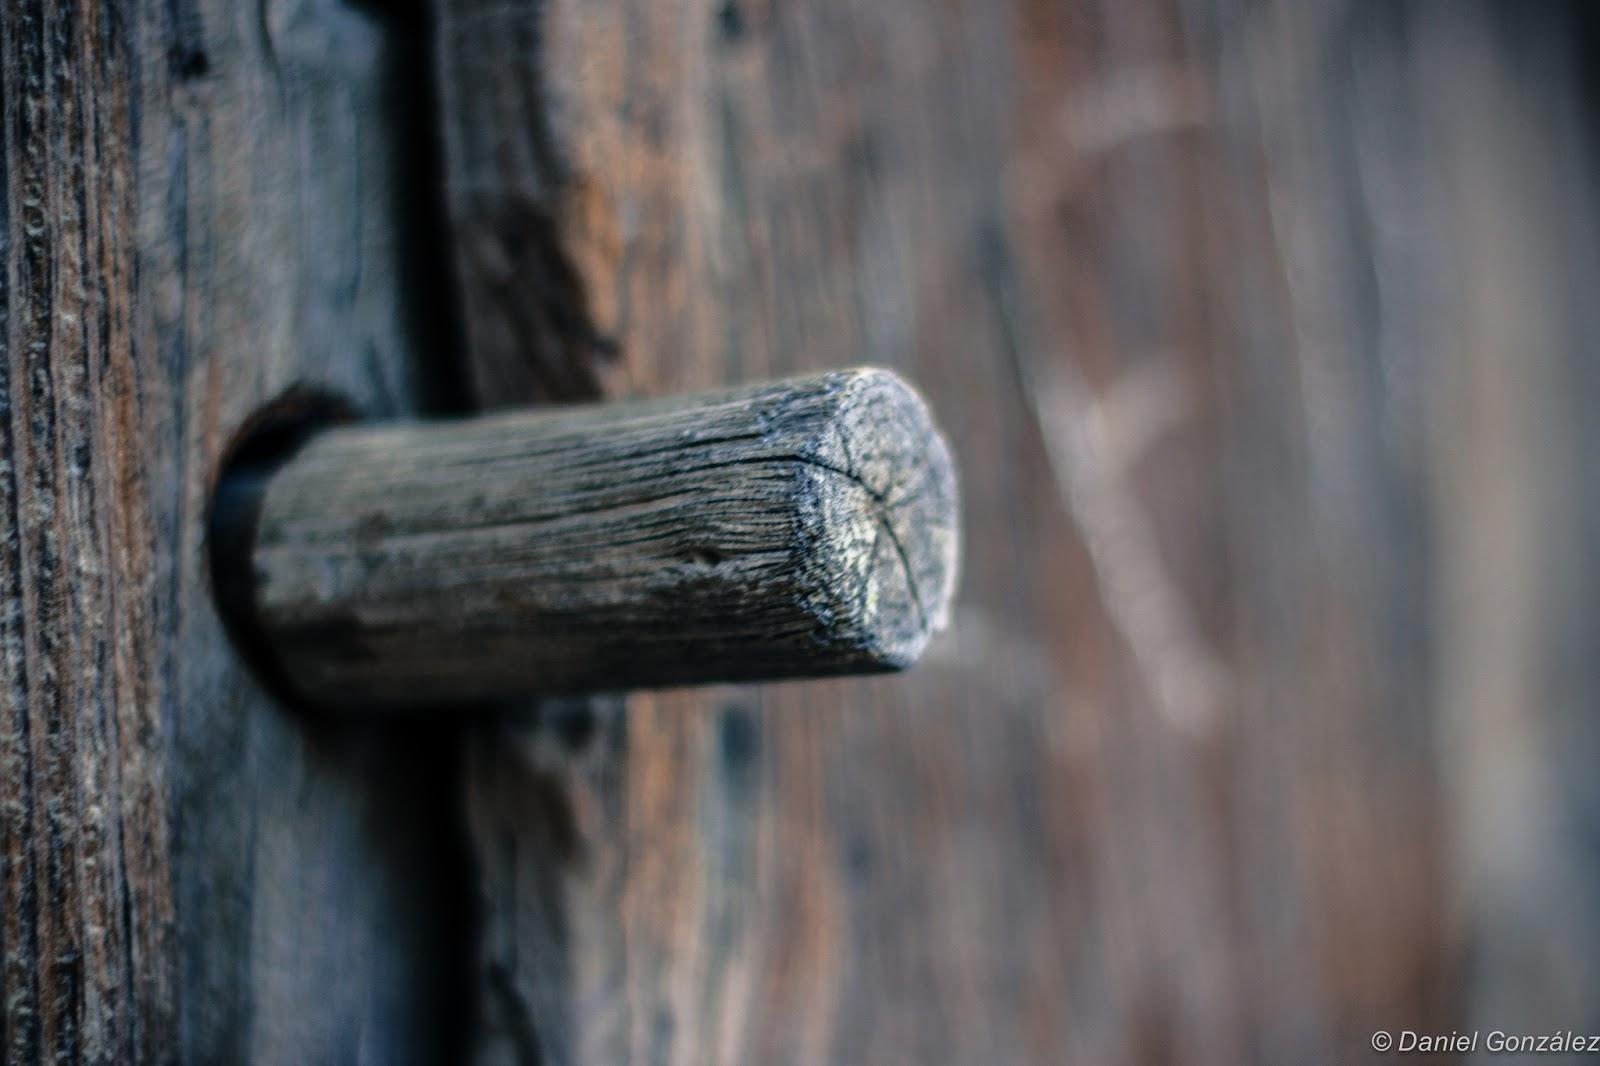 Pomo puerta rústica, El Barraco, Avila 2013